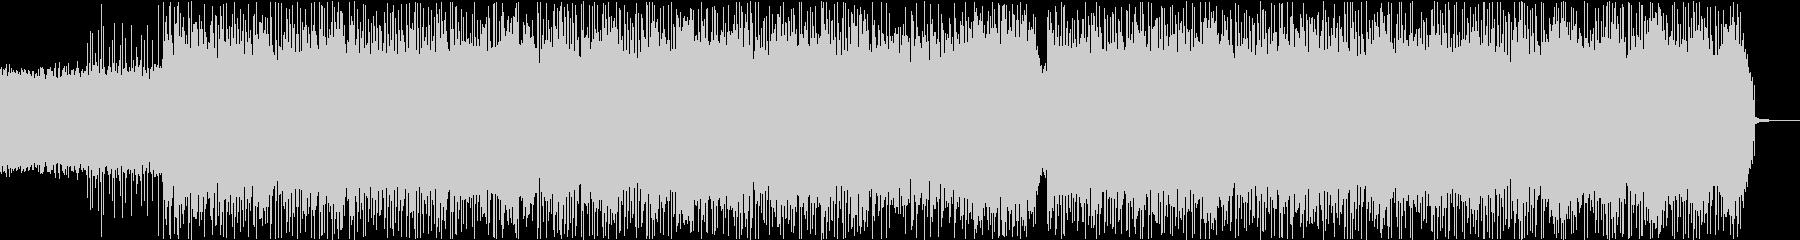 シンプルでハードなオルタナティブロックの未再生の波形